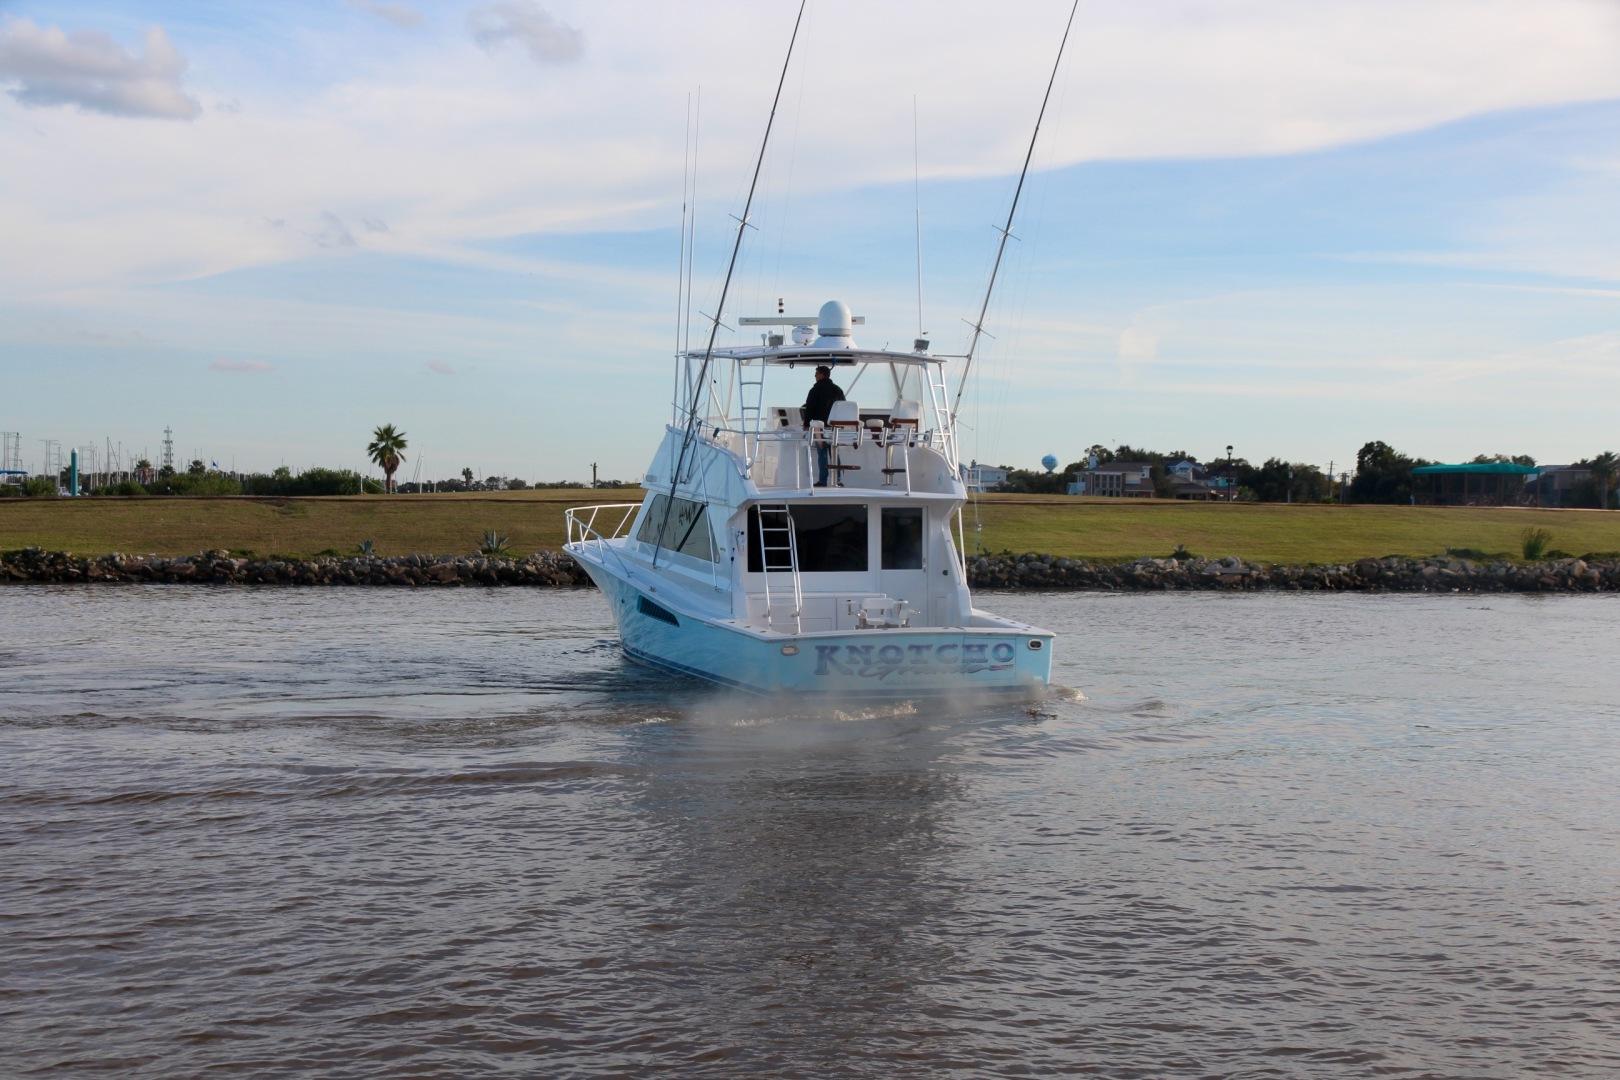 Viking-50 Convertible 2000-Knotcho Grande Seabrook-Texas-United States-Viking Convertible 2000 Knotcho Grande-1266660   Thumbnail